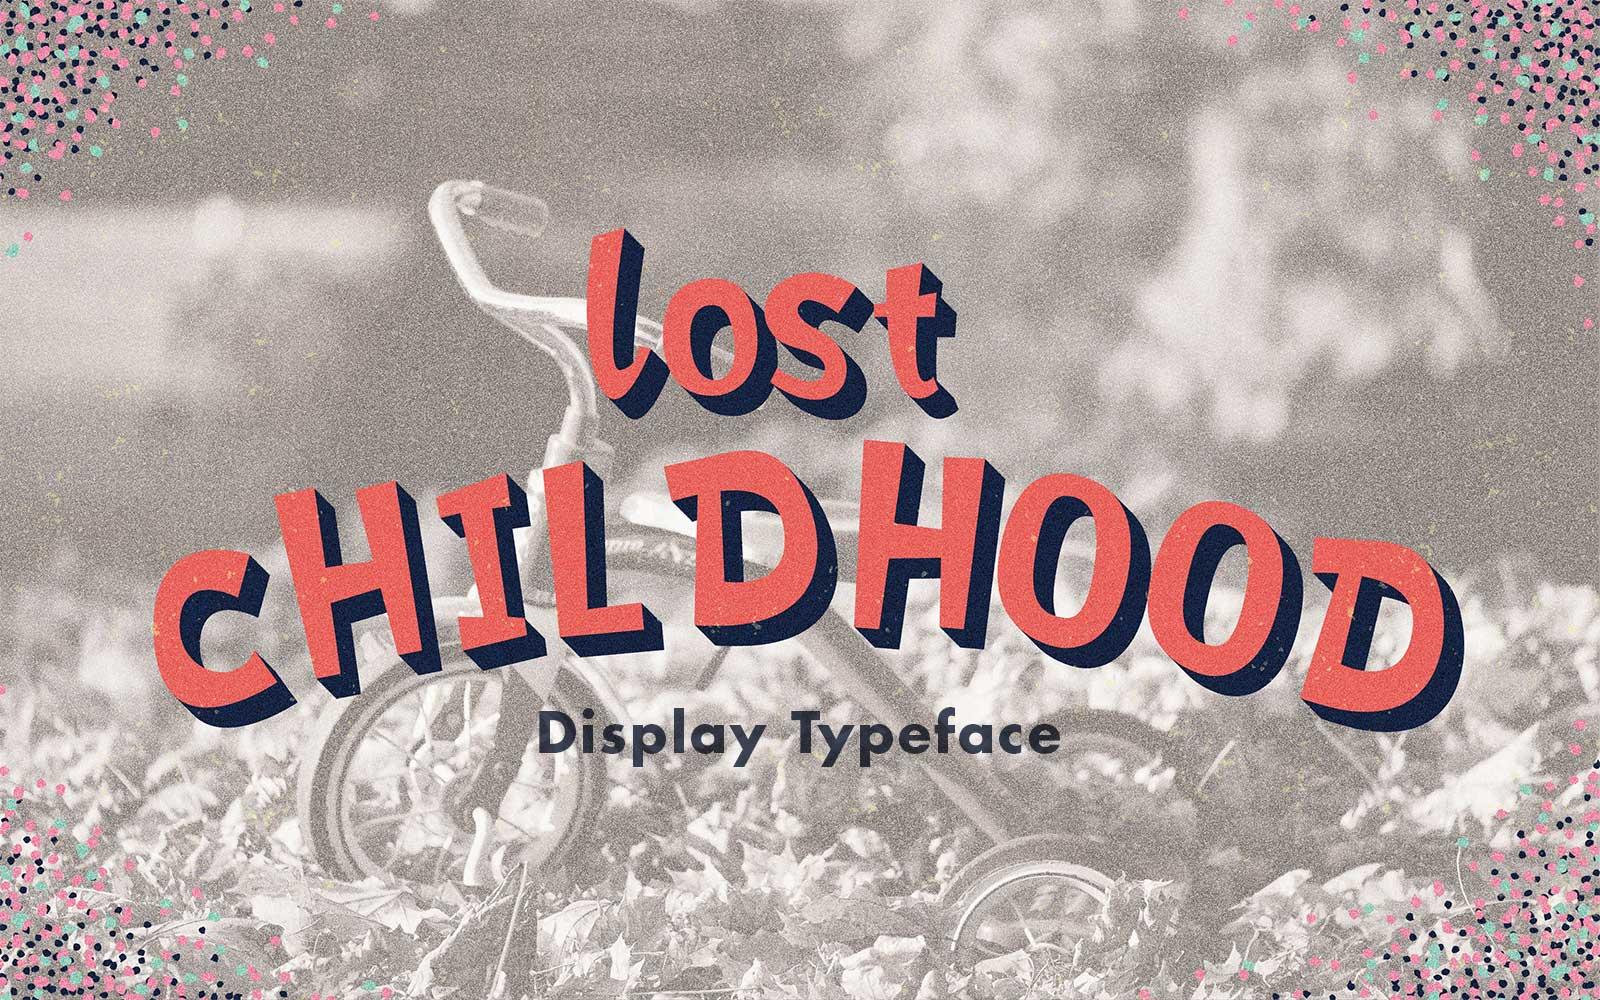 Lost-children-website-01.jpg